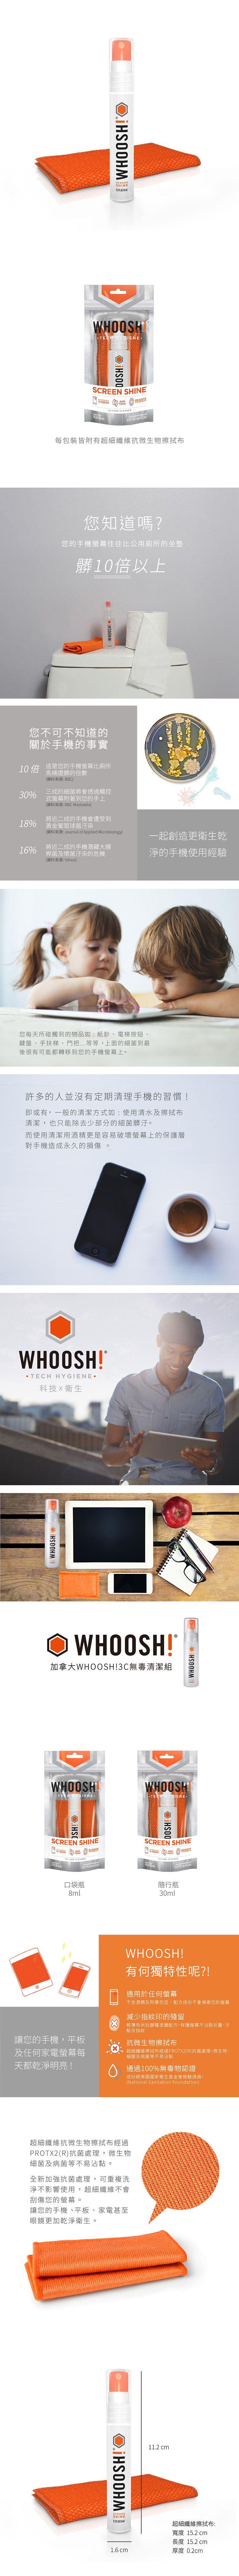 加拿大 WHOOSH   3C 無毒清潔組 - 口袋瓶 8ml